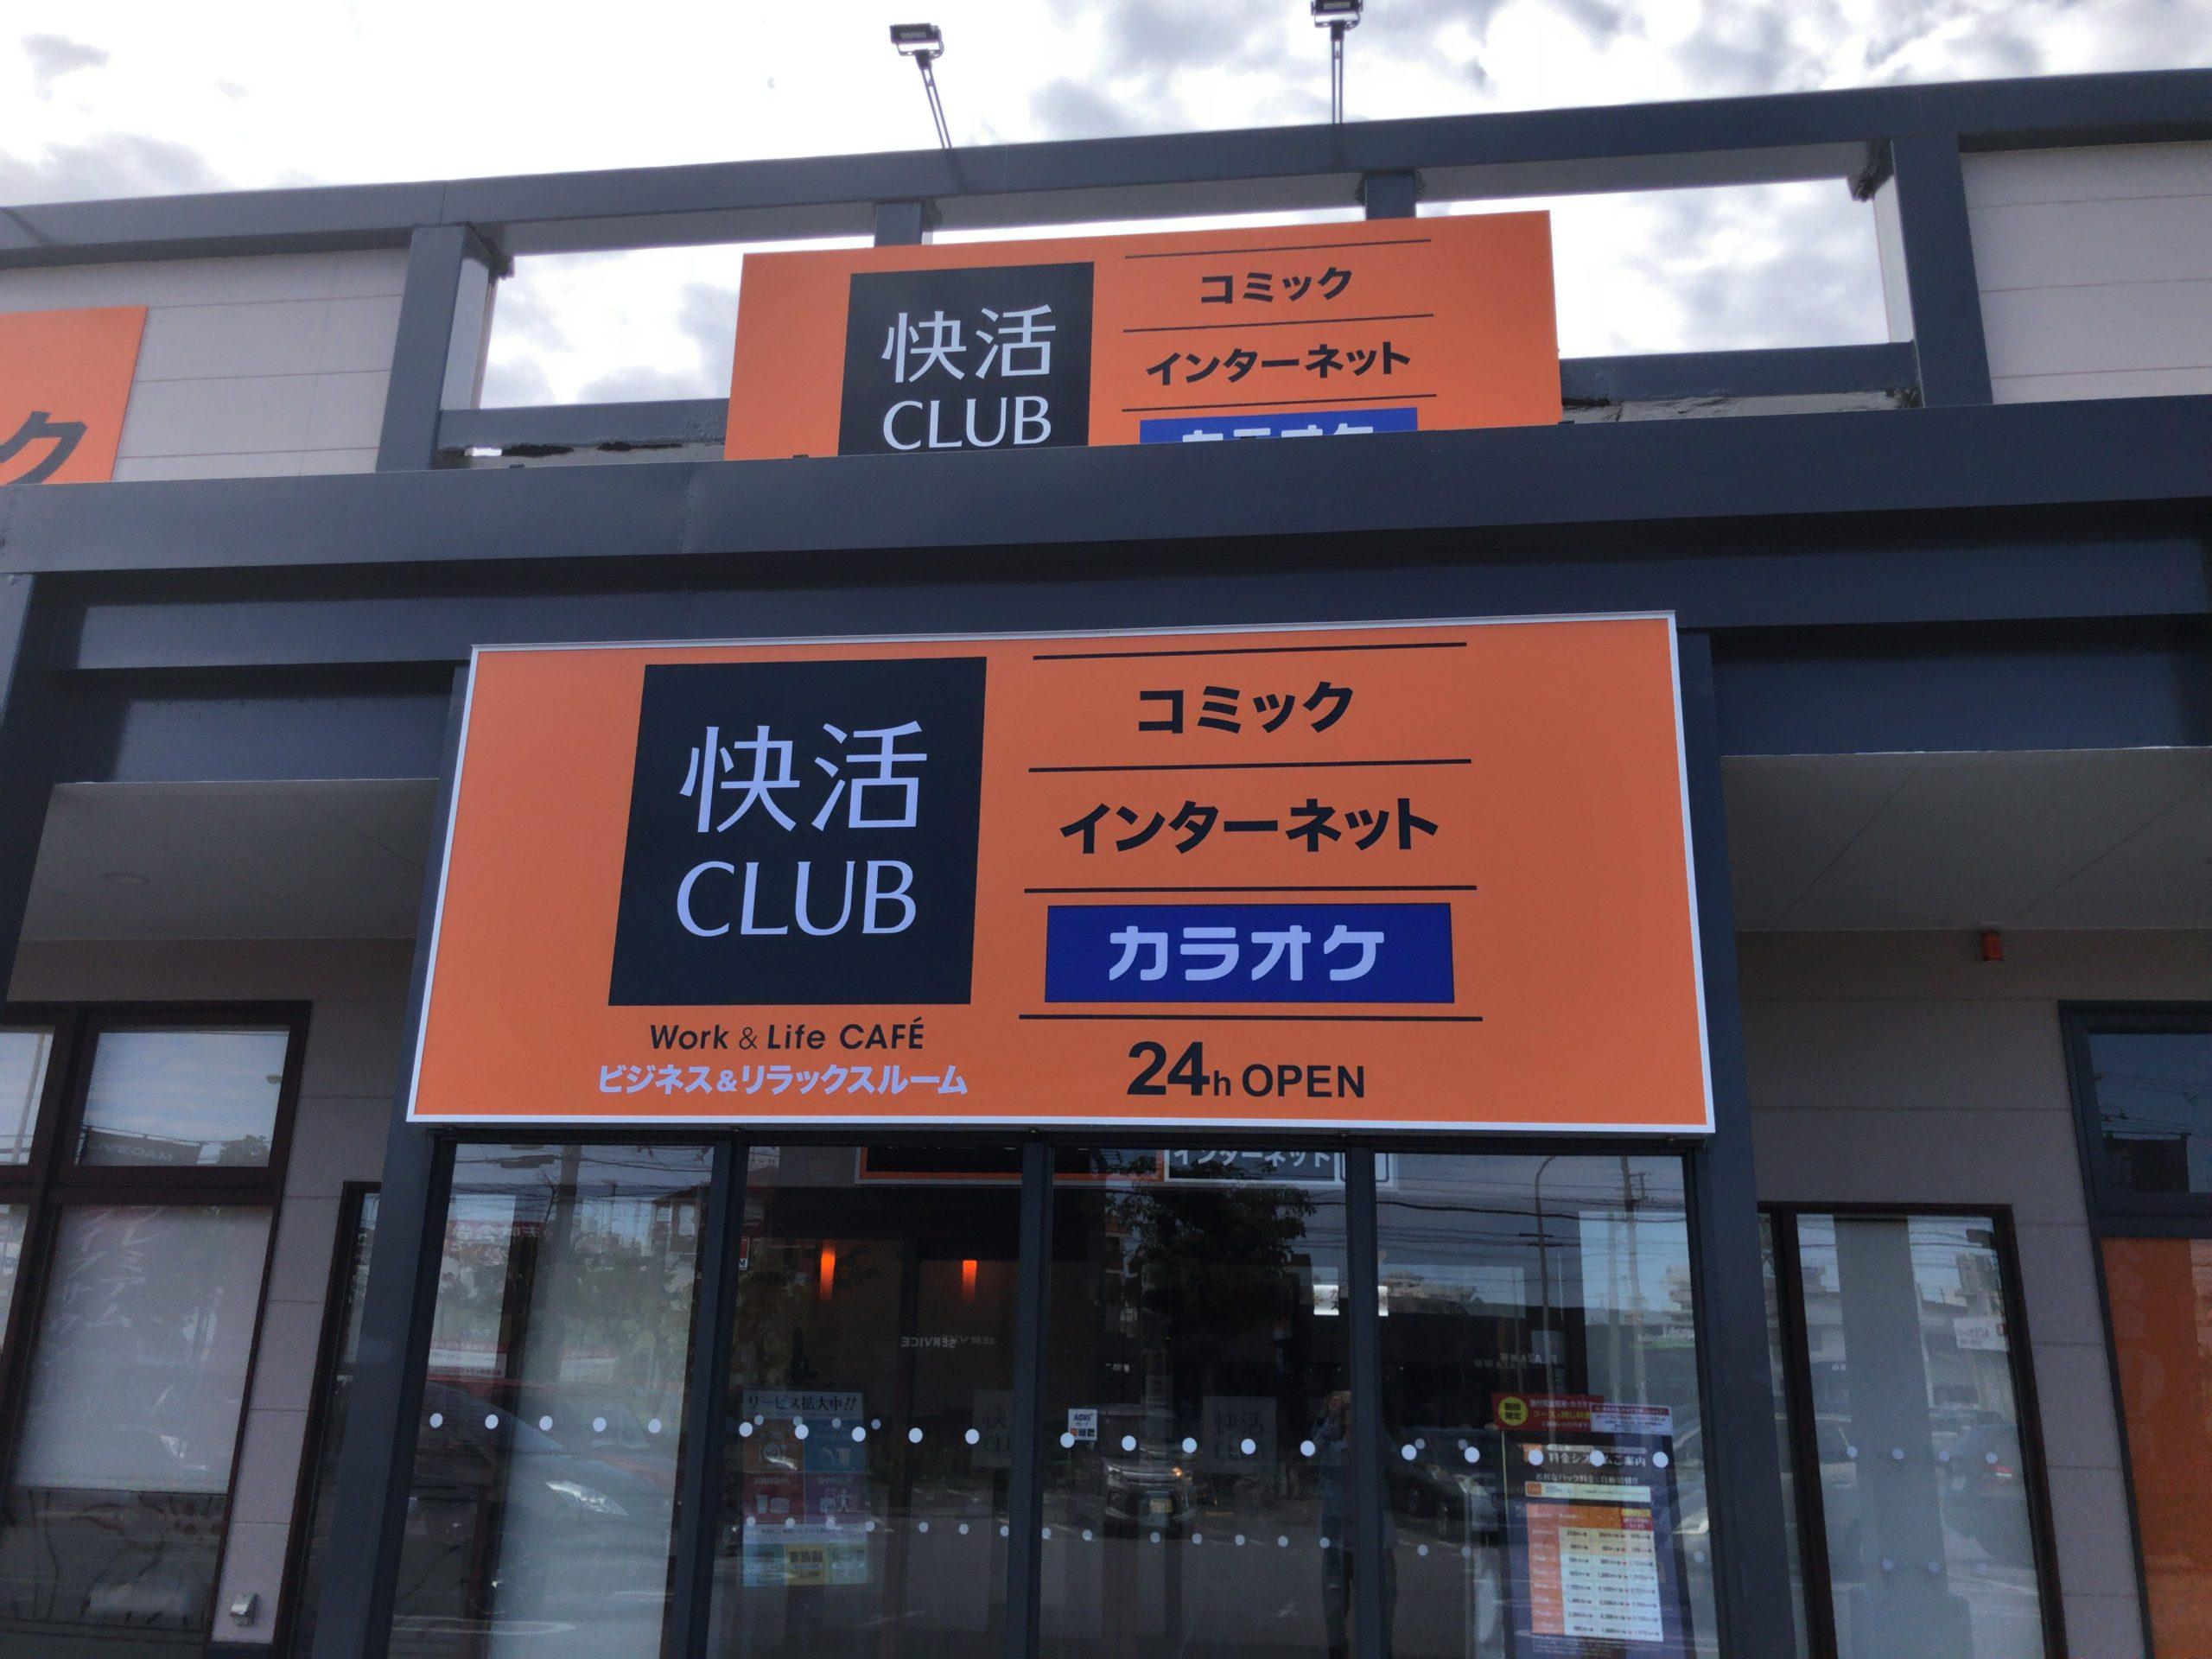 鍵付個室あり!カラオケあり!『快活CLUB 那覇安謝店』今のネカフェのトレンドです♪